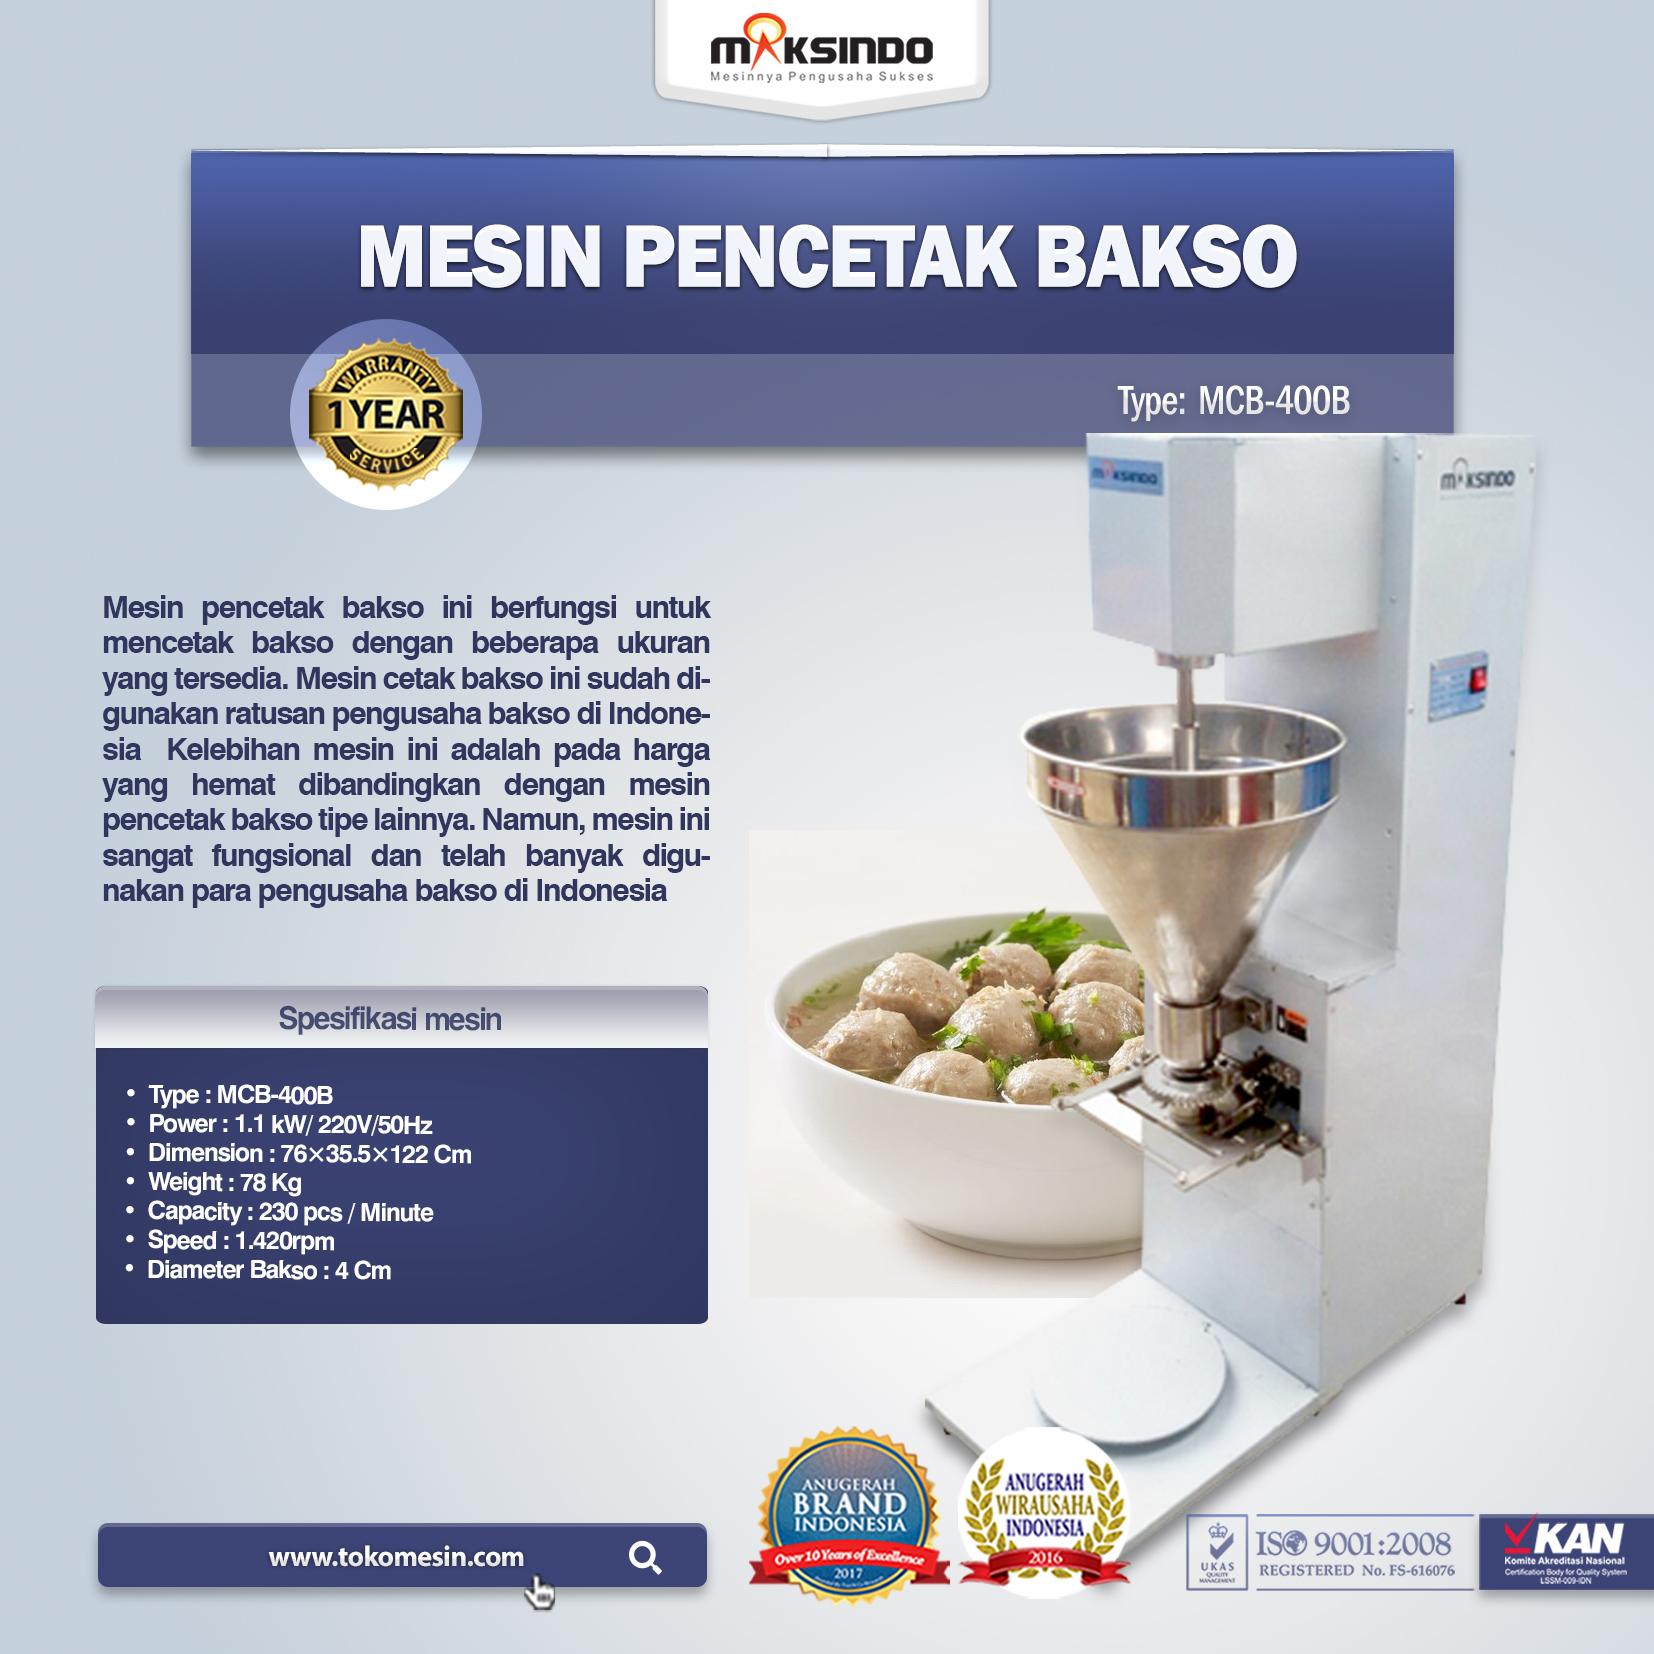 Mesin Pencetak Bakso MCB-400B